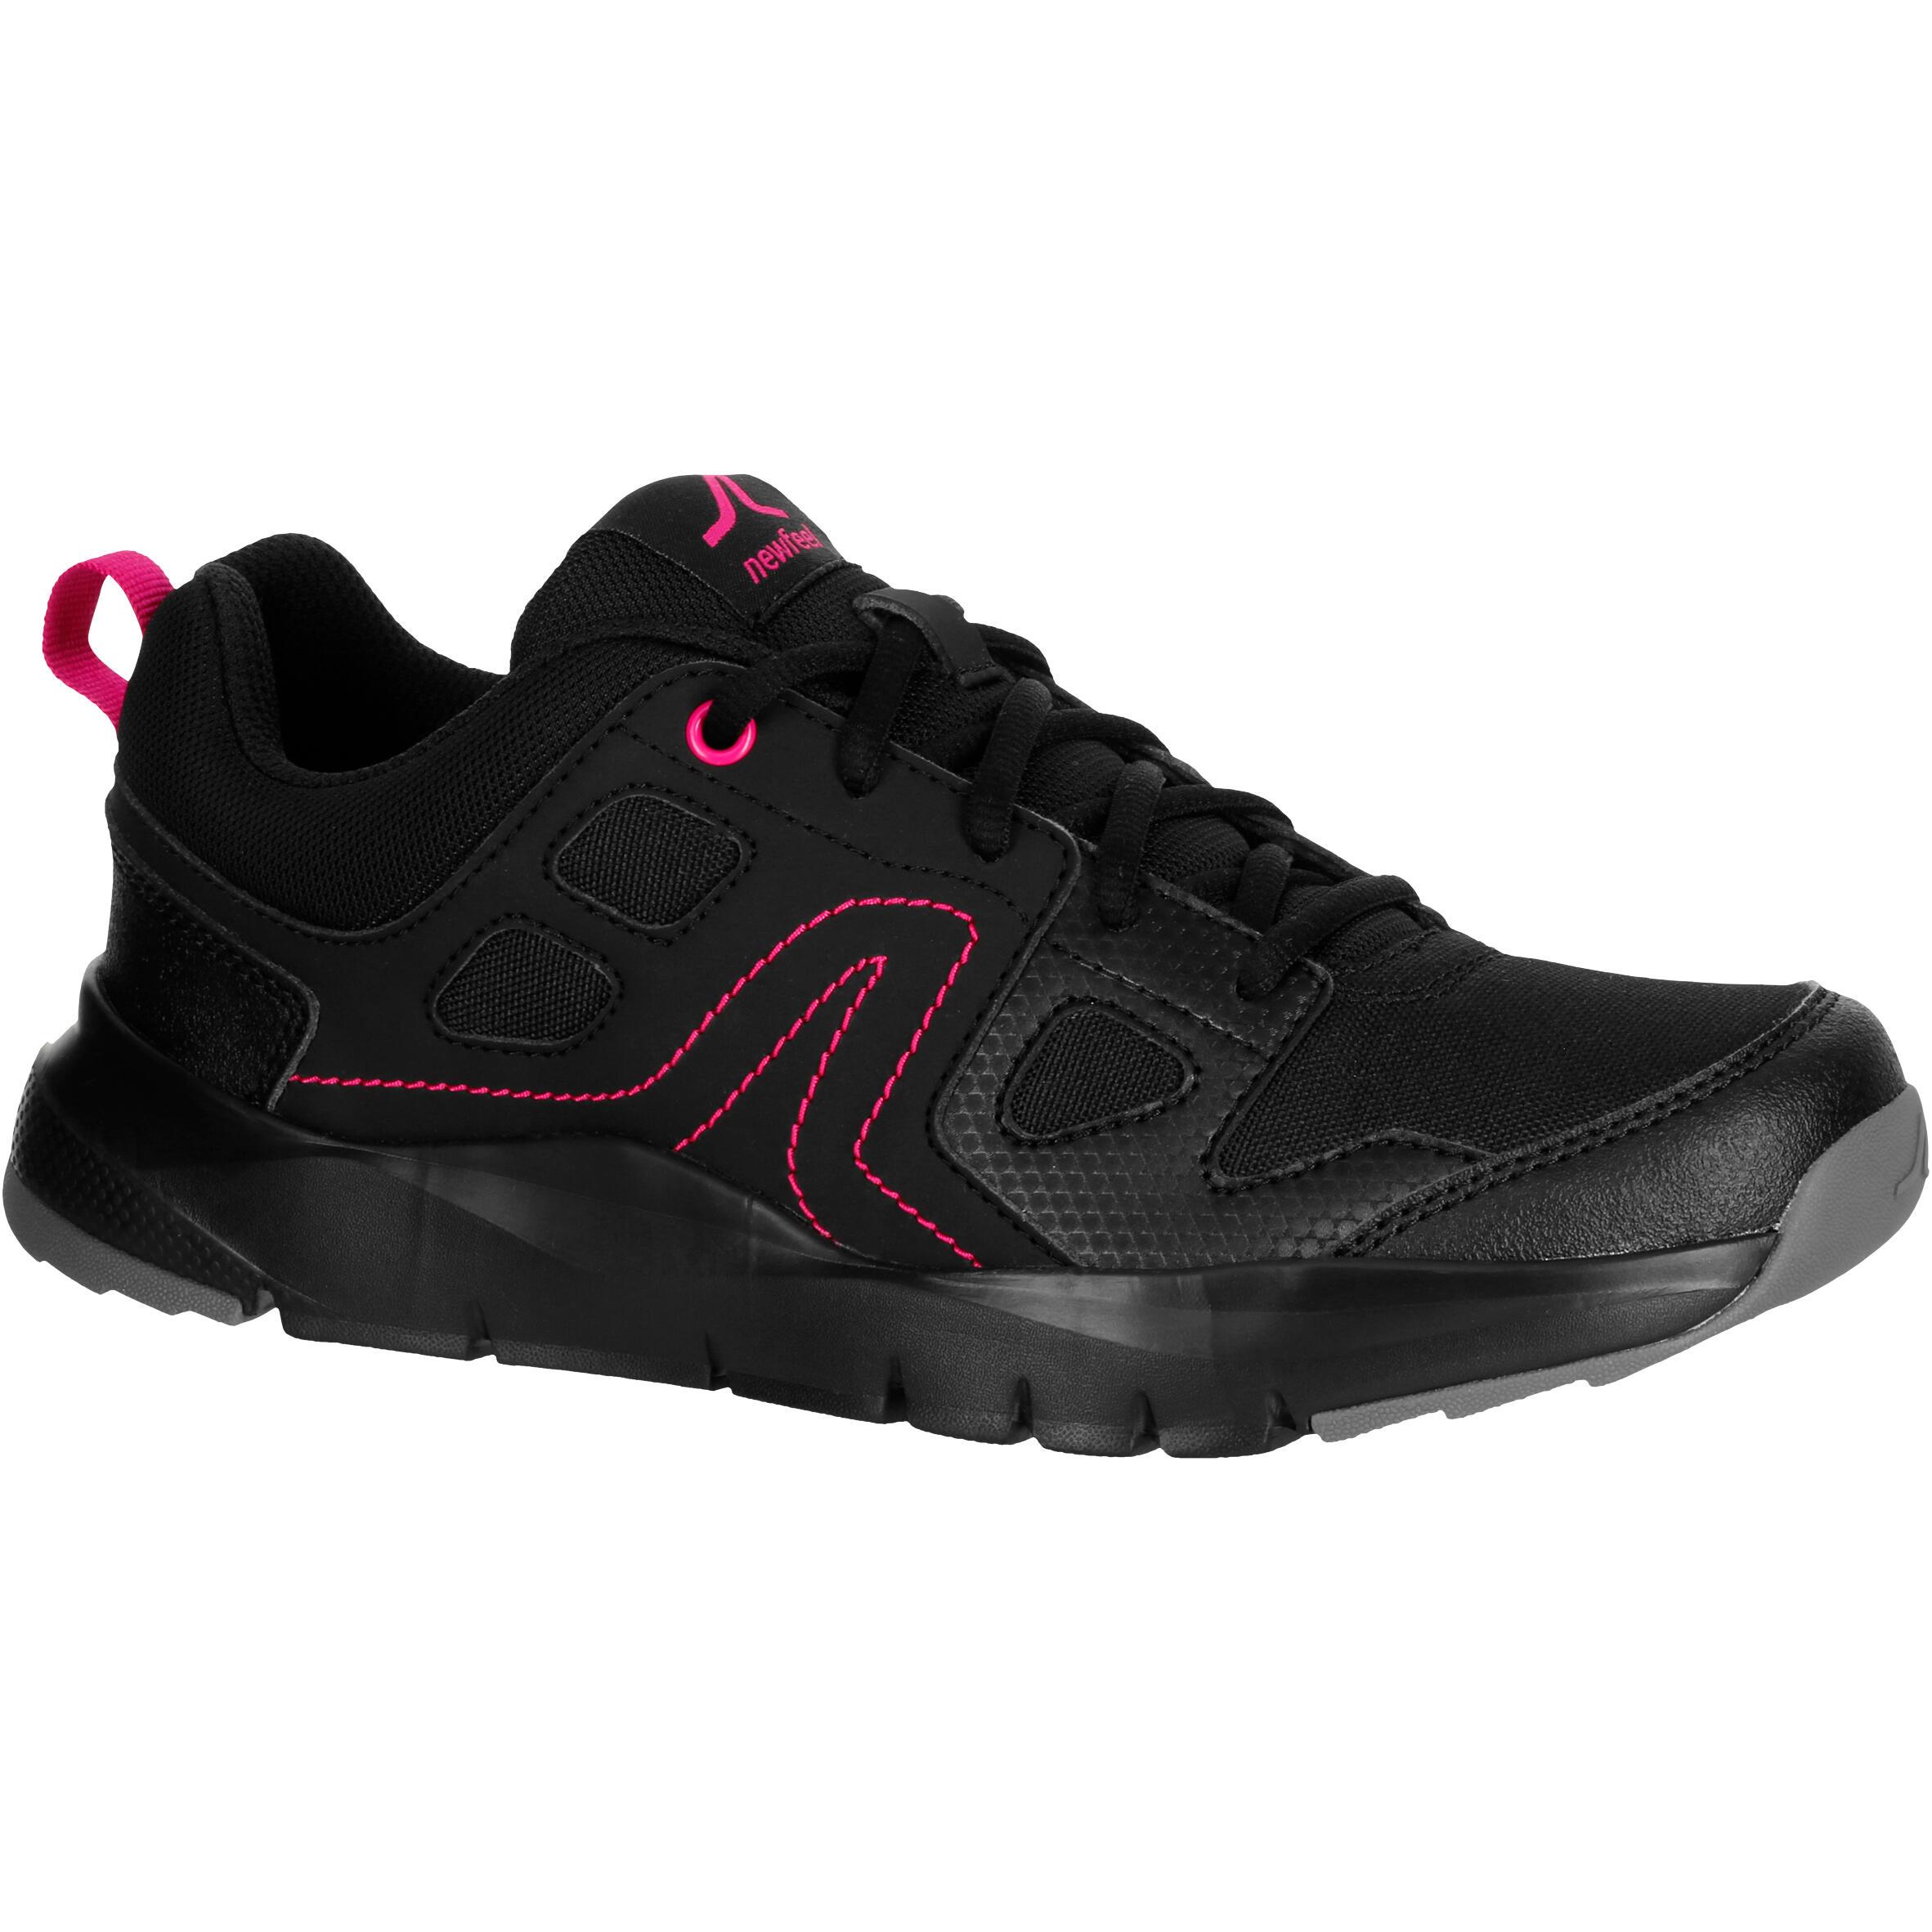 Newfeel Damessneakers HW 100 zwart/roze